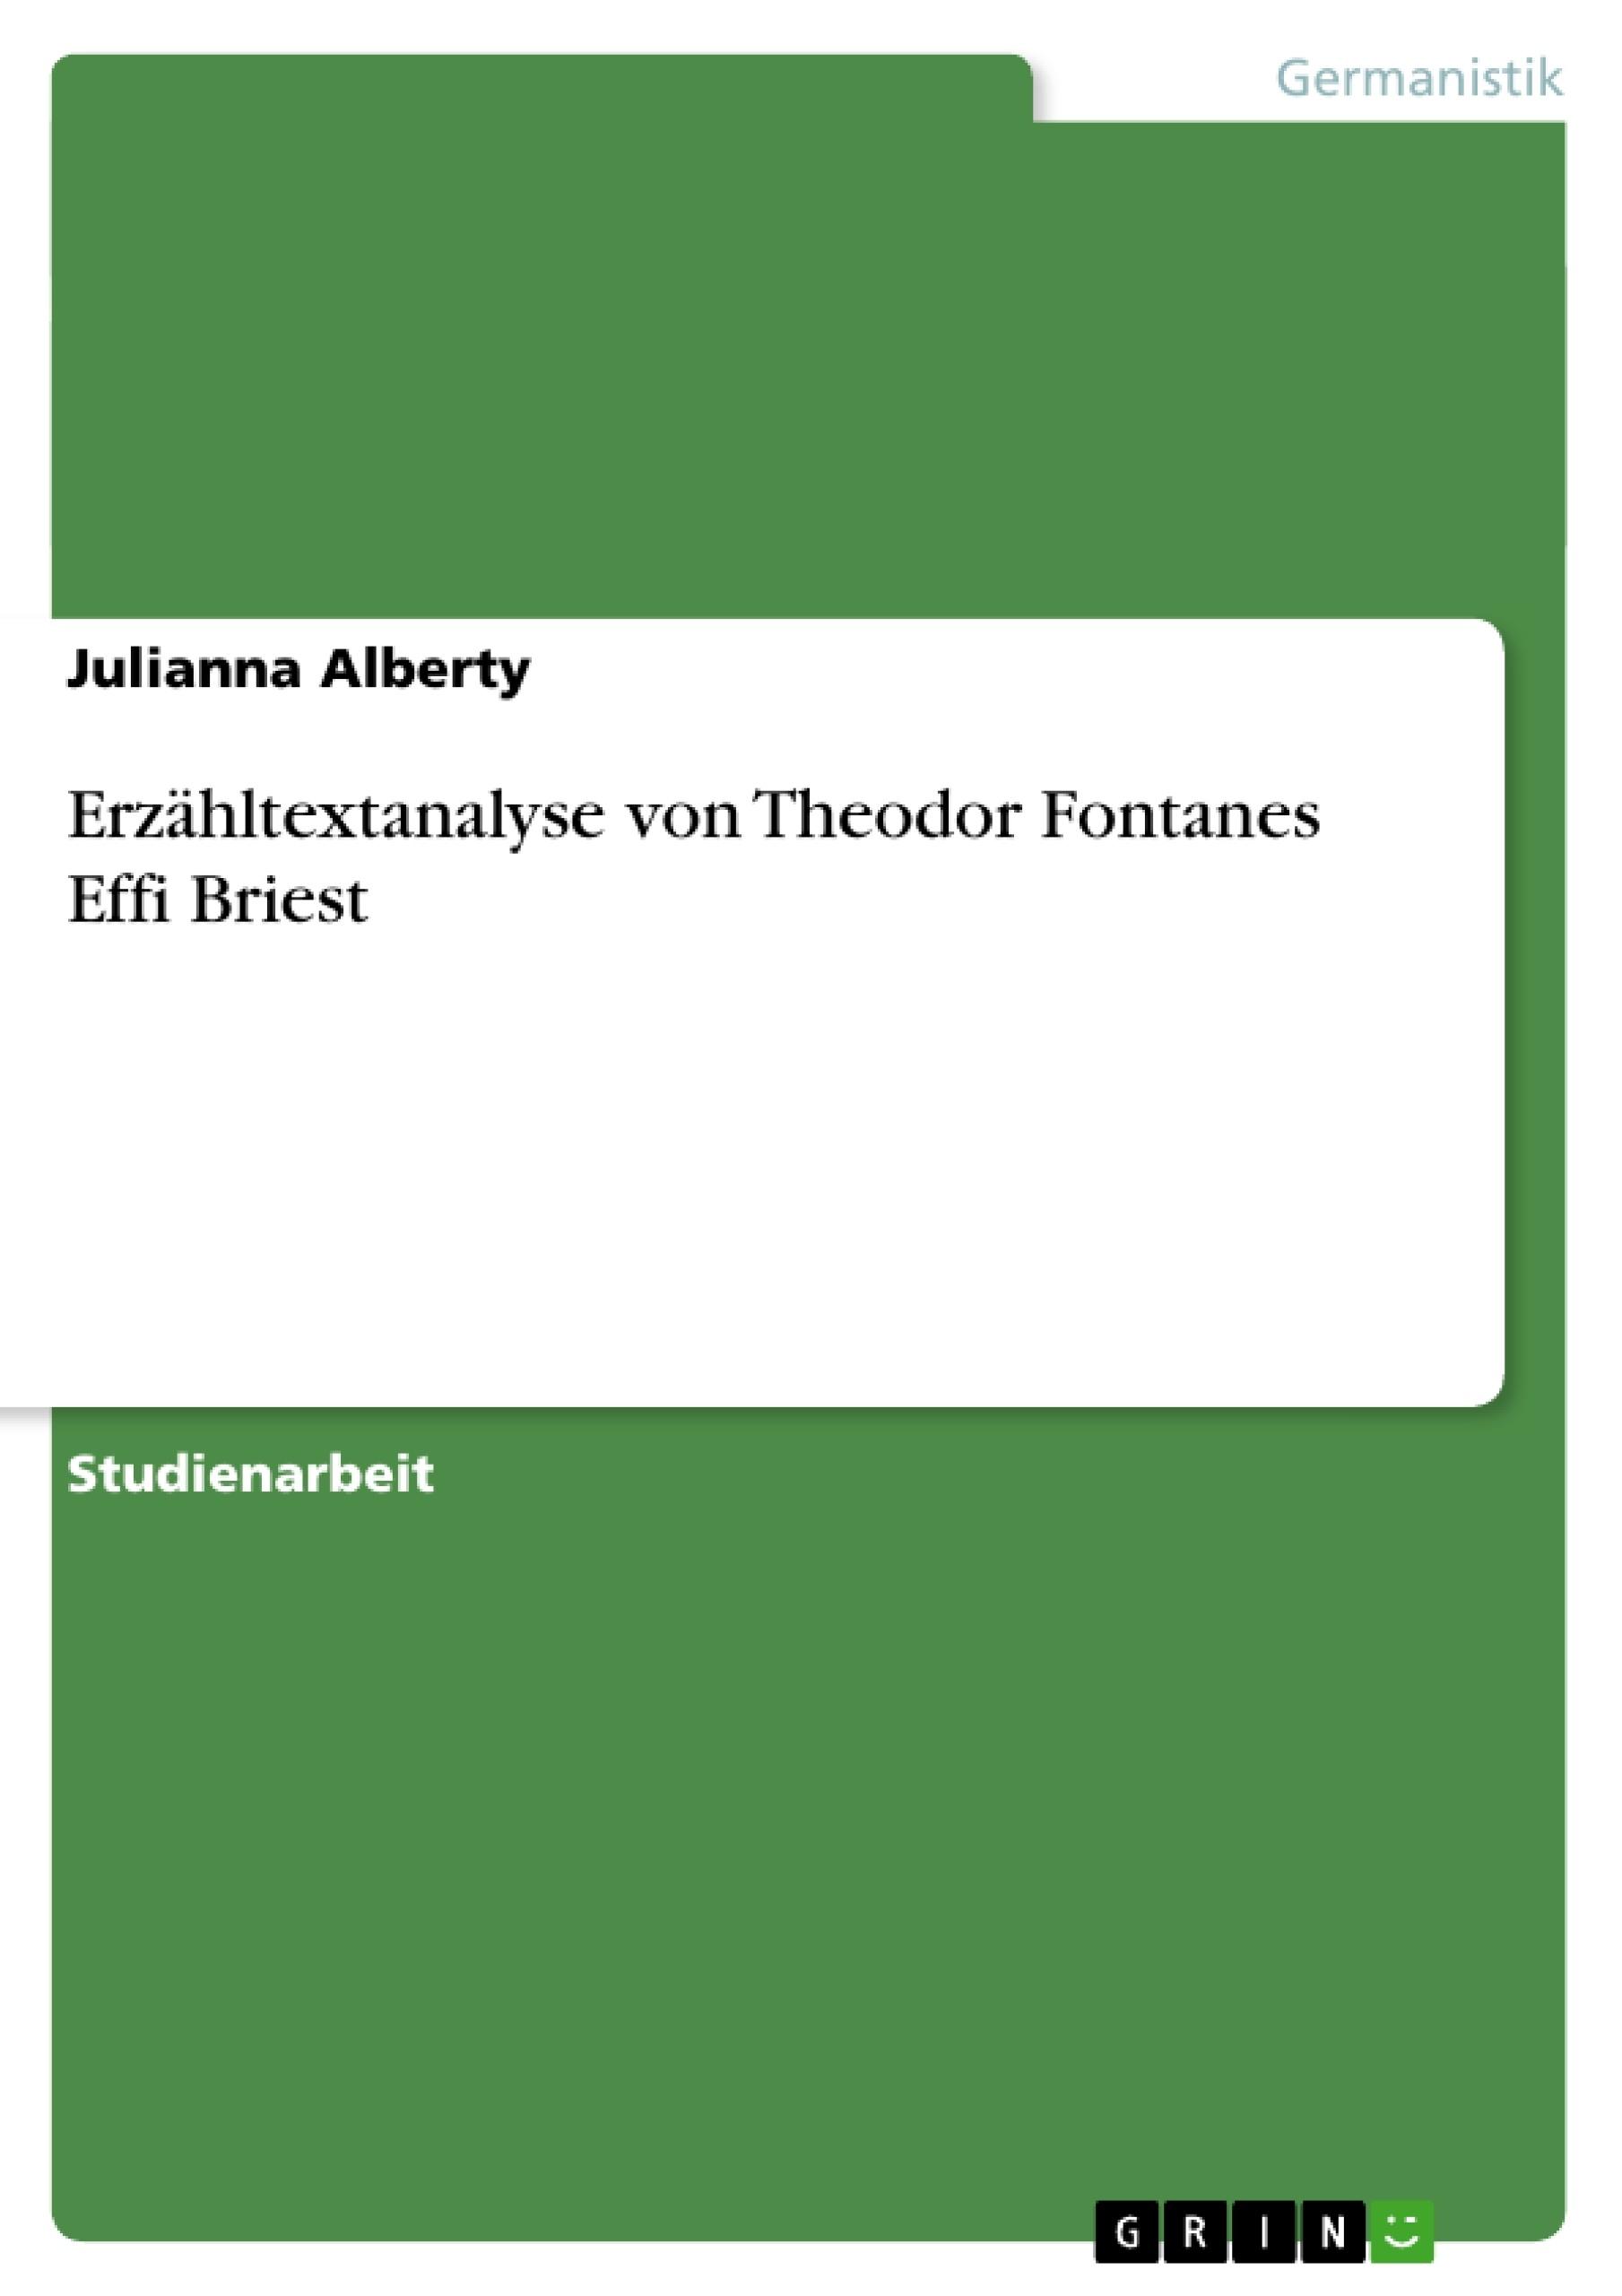 Titel: Erzähltextanalyse von Theodor Fontanes Effi Briest